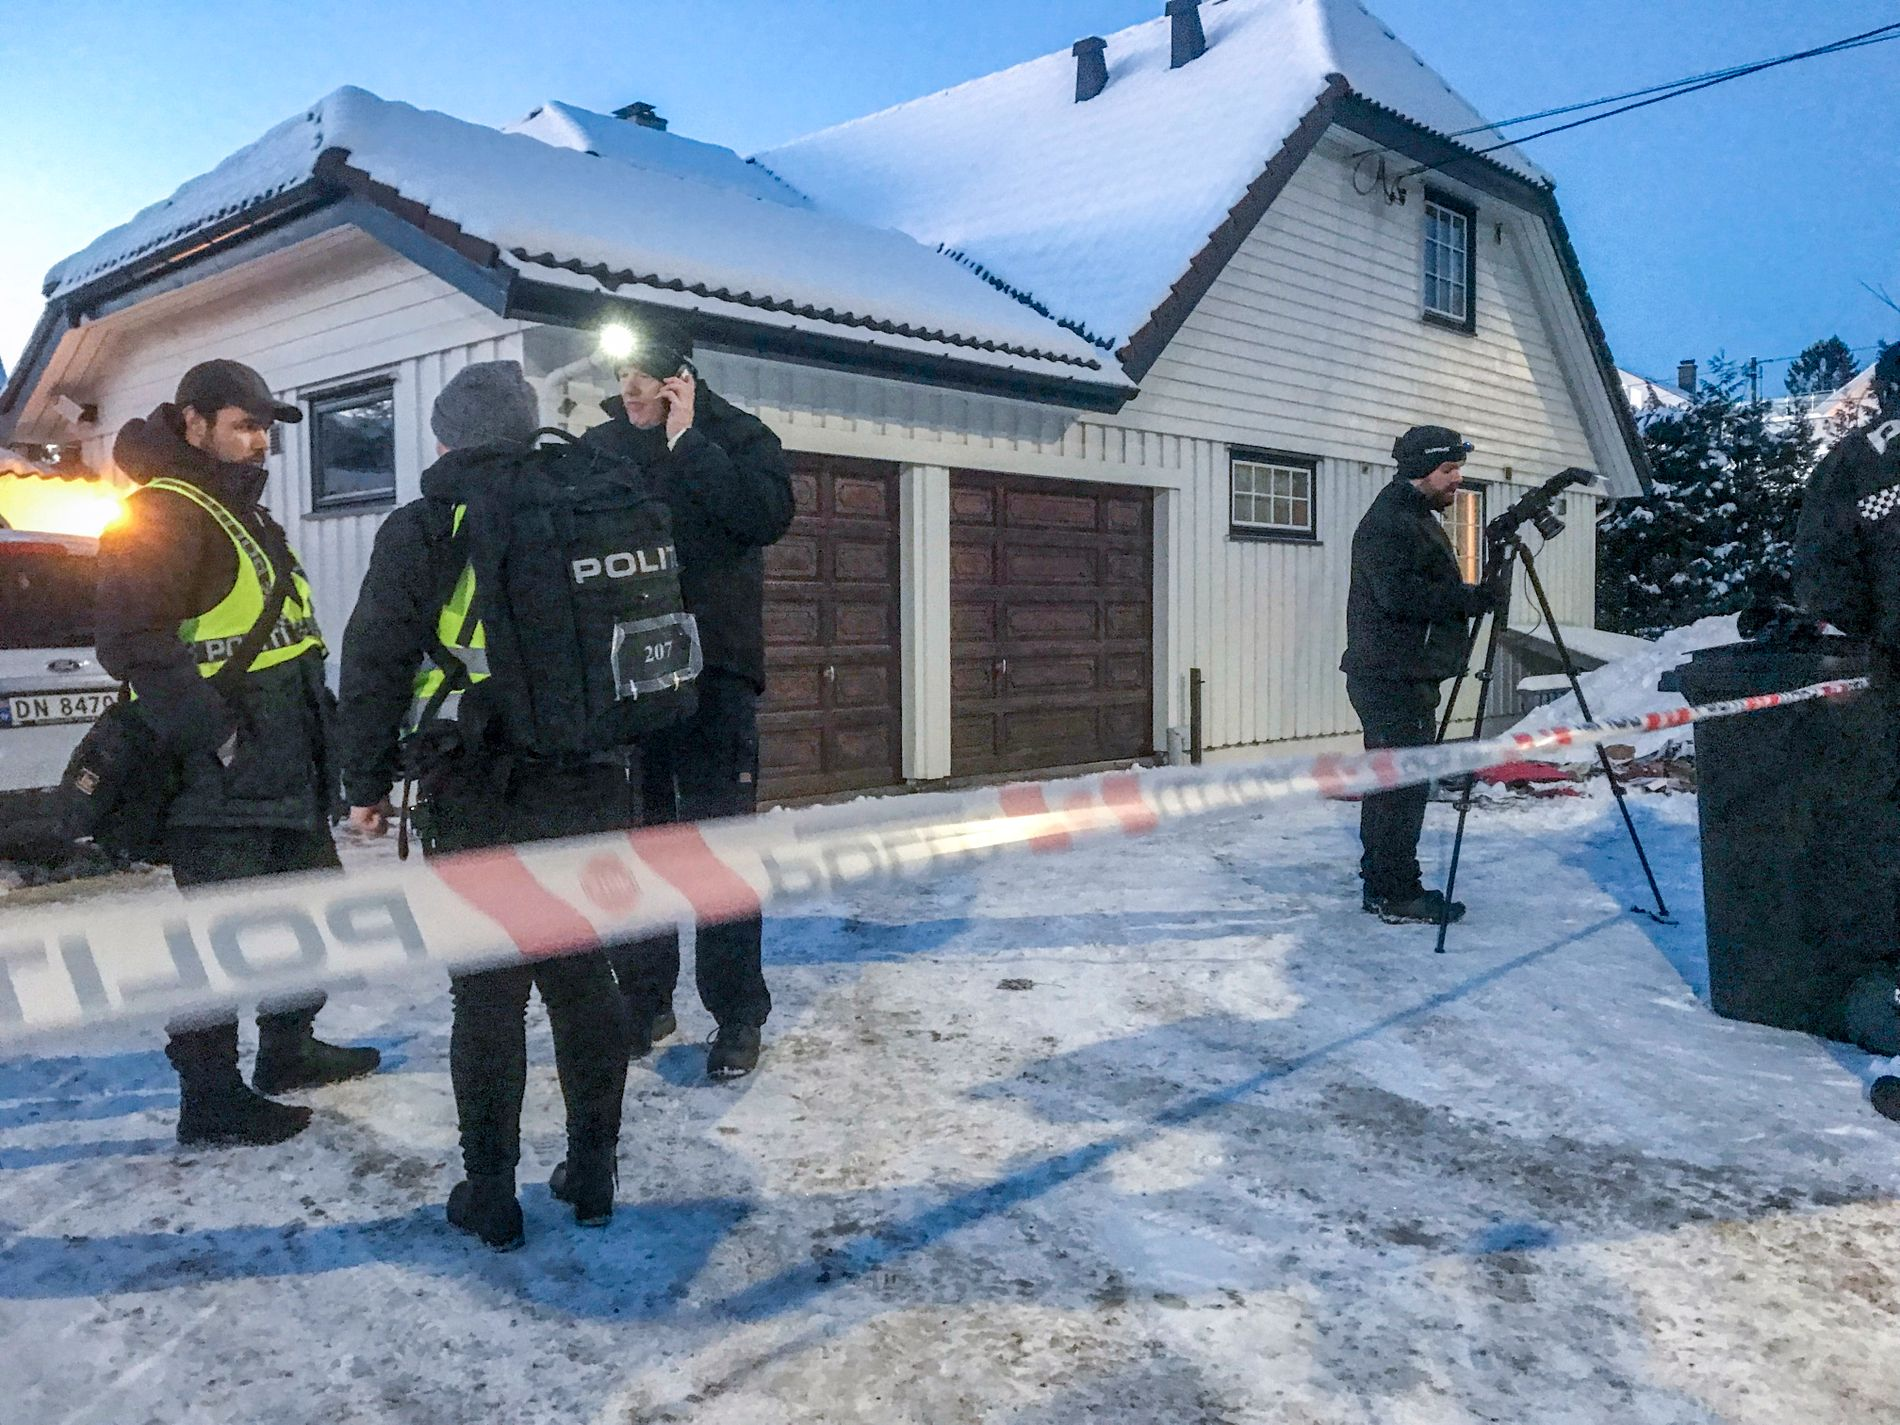 ETTERFORSKER BRANN: Rundt klokken 14.00 torsdag fikk politiet melding om brann i en søppelbøtte utenfor boligen til justisminister Tor Mikkel Wara.